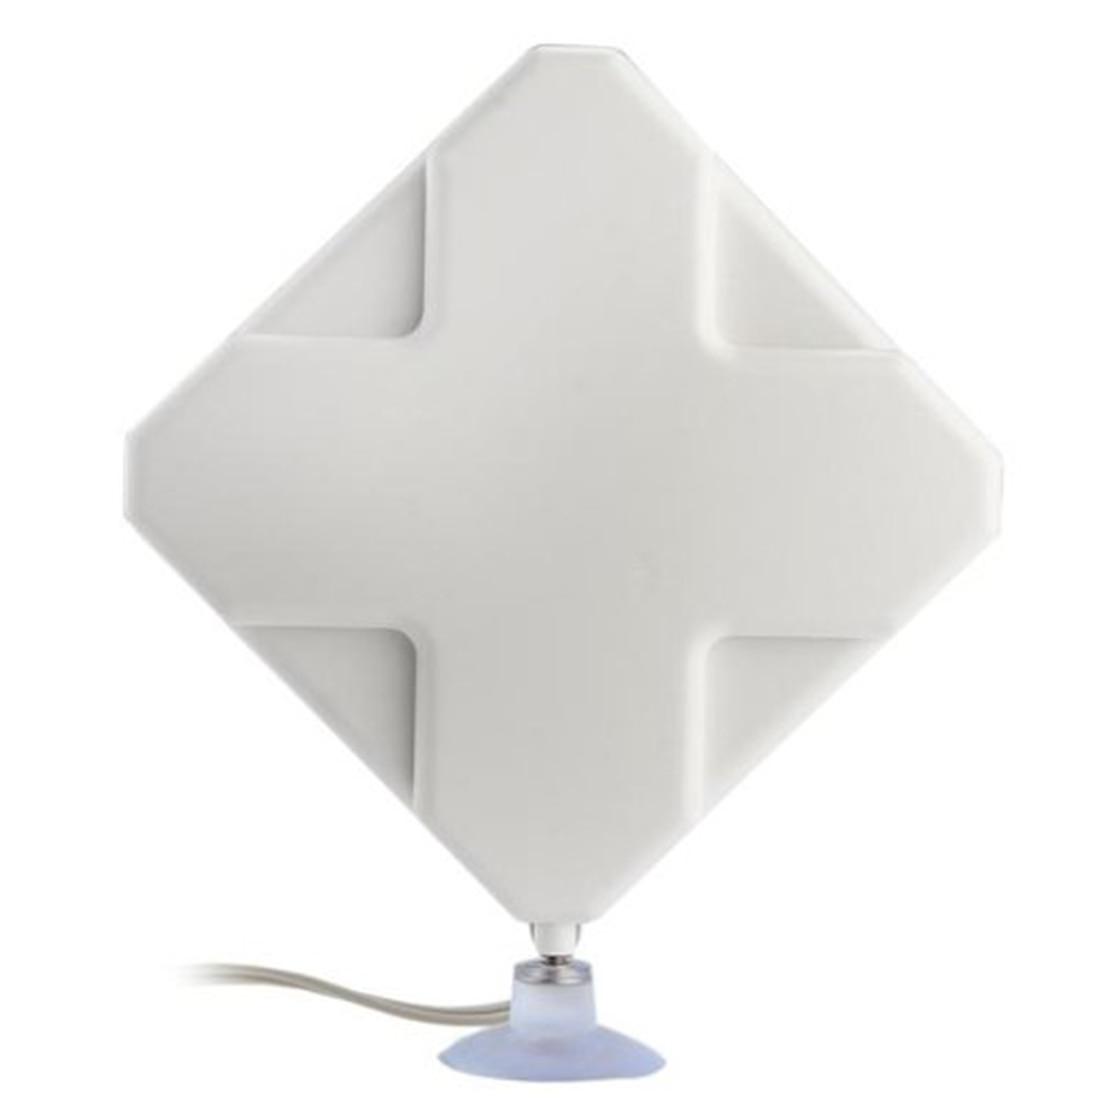 bilder für 4G antenne CRC9 anschluss 35dBi Breitband Antenne Booster Signalverstärker Für 3G 4G LTE Mobilen